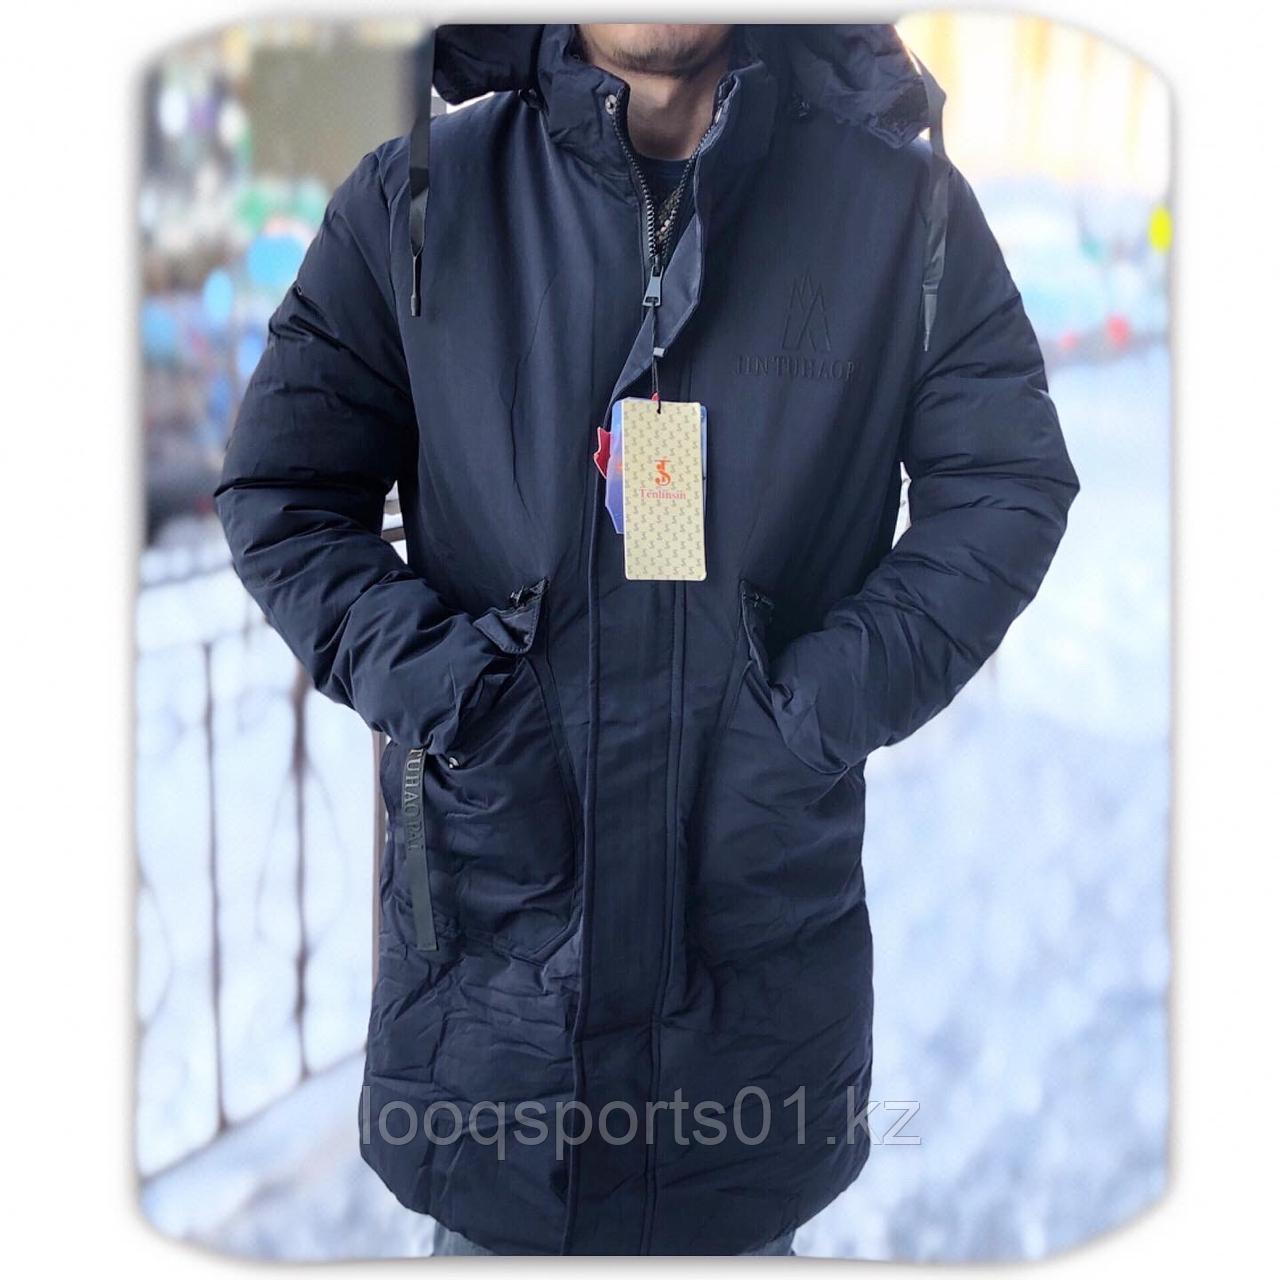 Куртка зимняя мужская 1919 с бесплатной доставкой